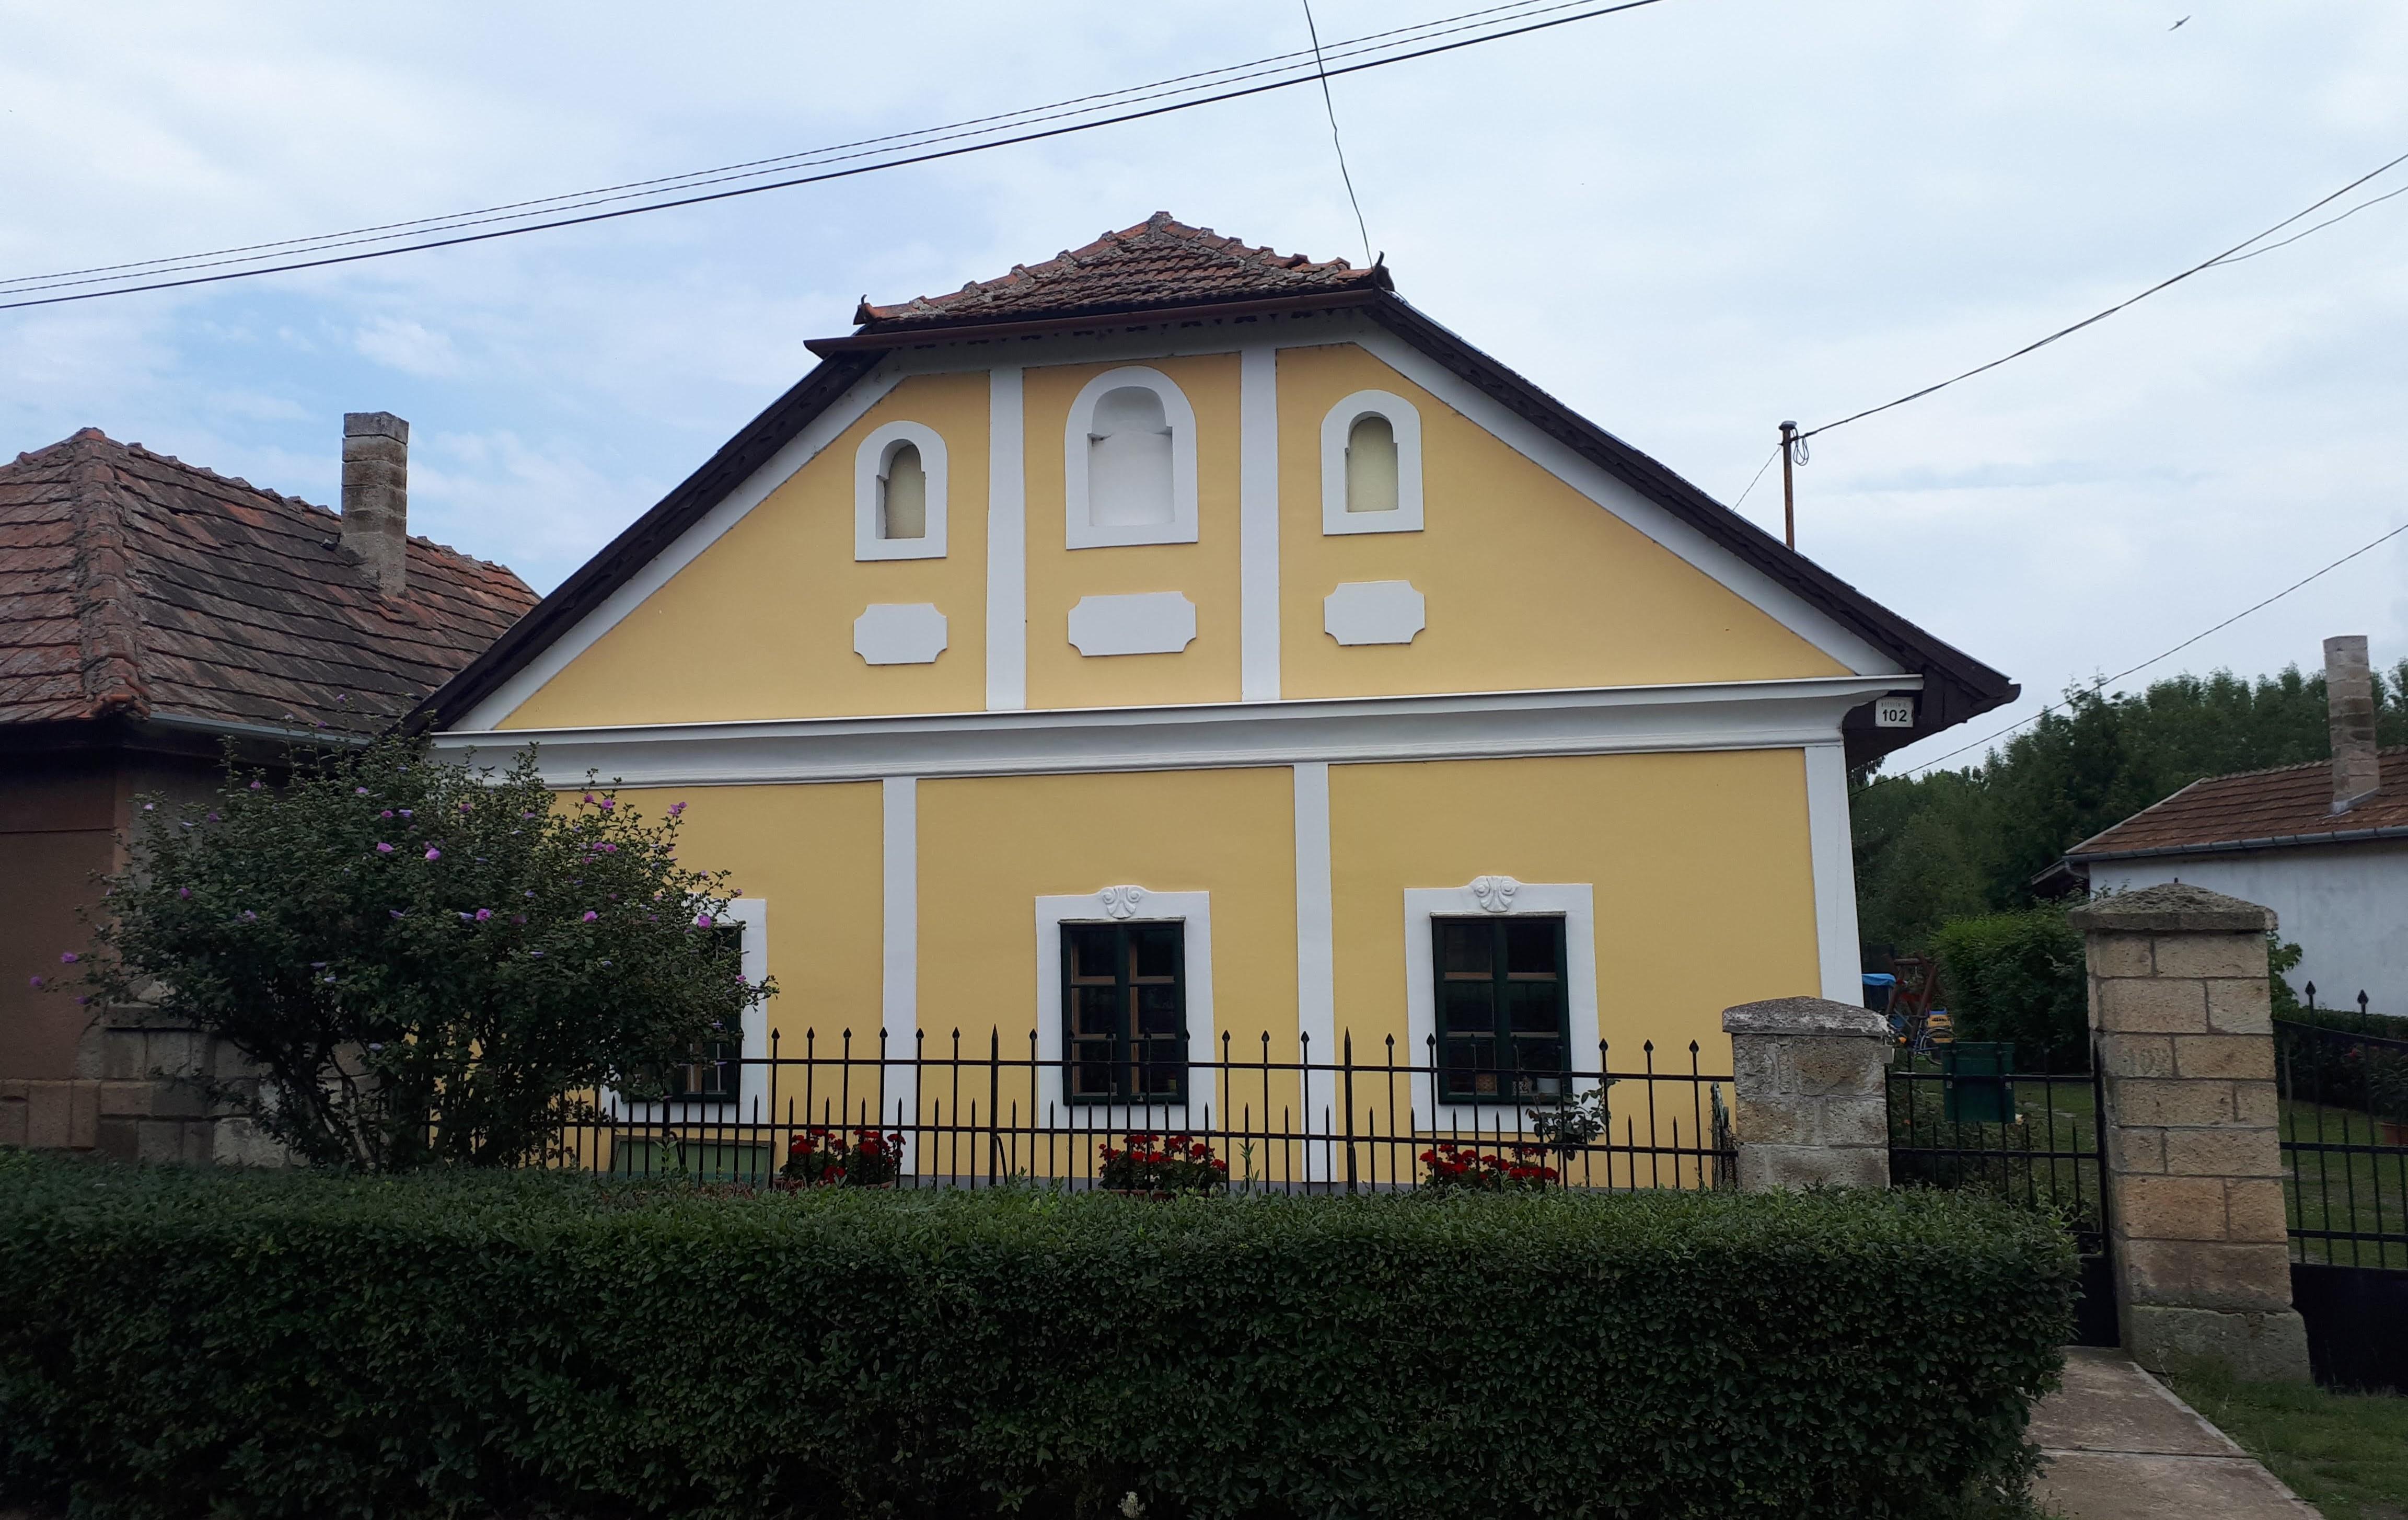 File:Lakóház Bodrogkeresztúron (2679. számú műemlék).jpg